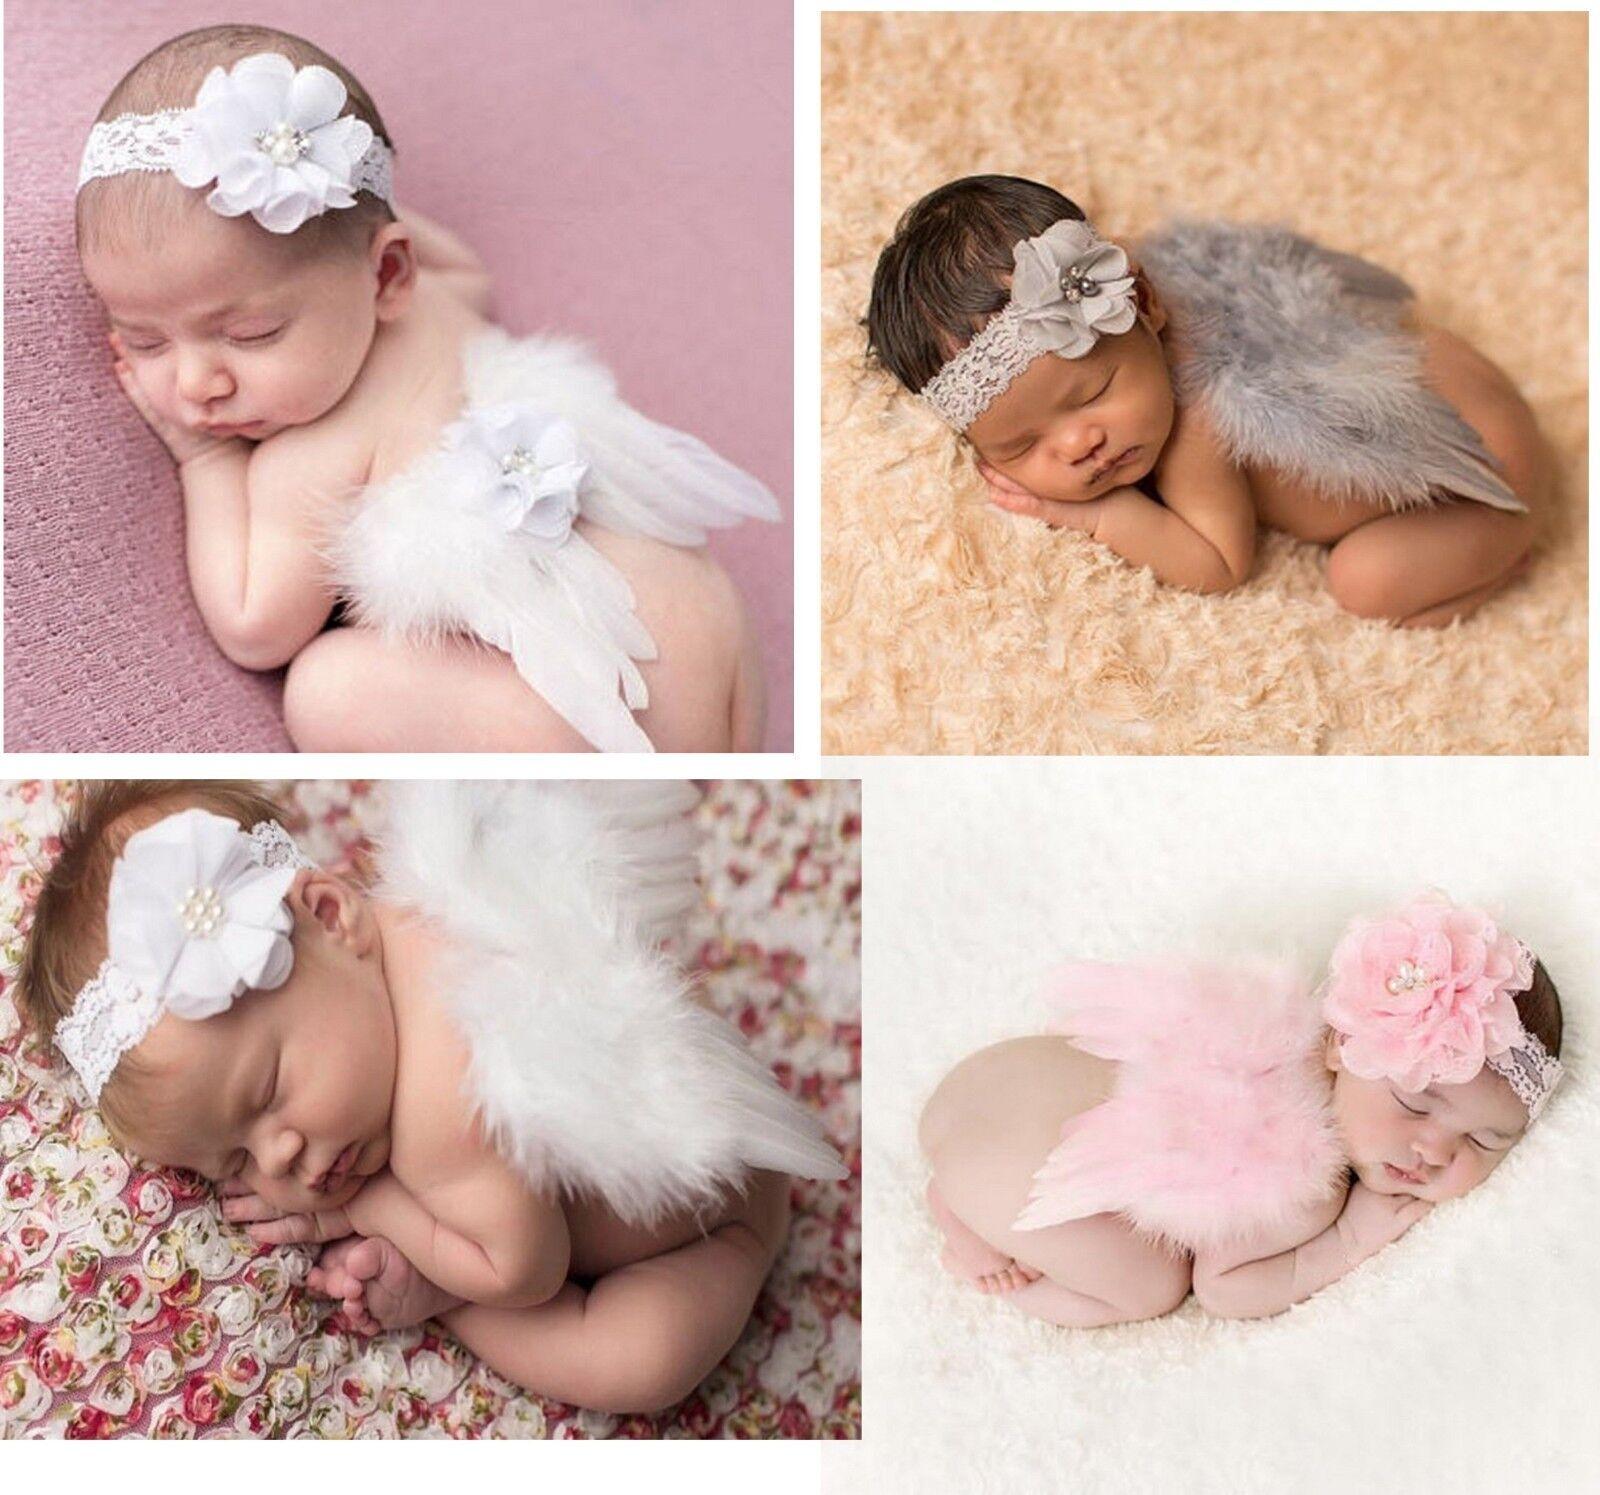 Baby Engel Flügel  Spitze Stirnband Fotoshooting Newborn Neugeborenen Fotografie